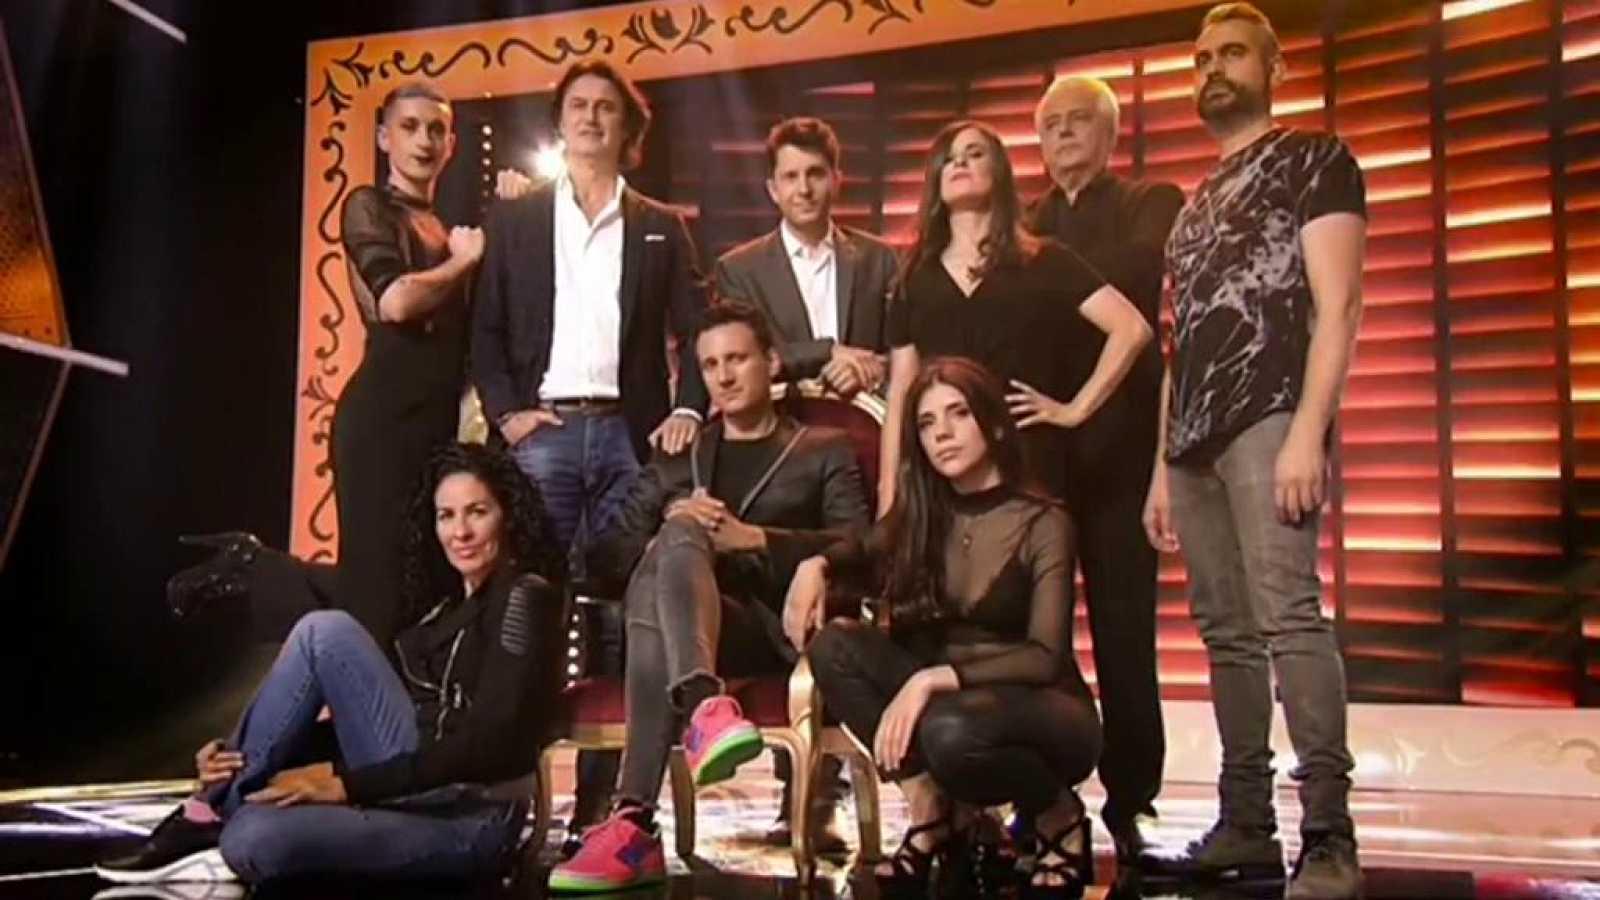 Pura Magia - El lunes estreno segunda temporada,a las 22:40h La 1